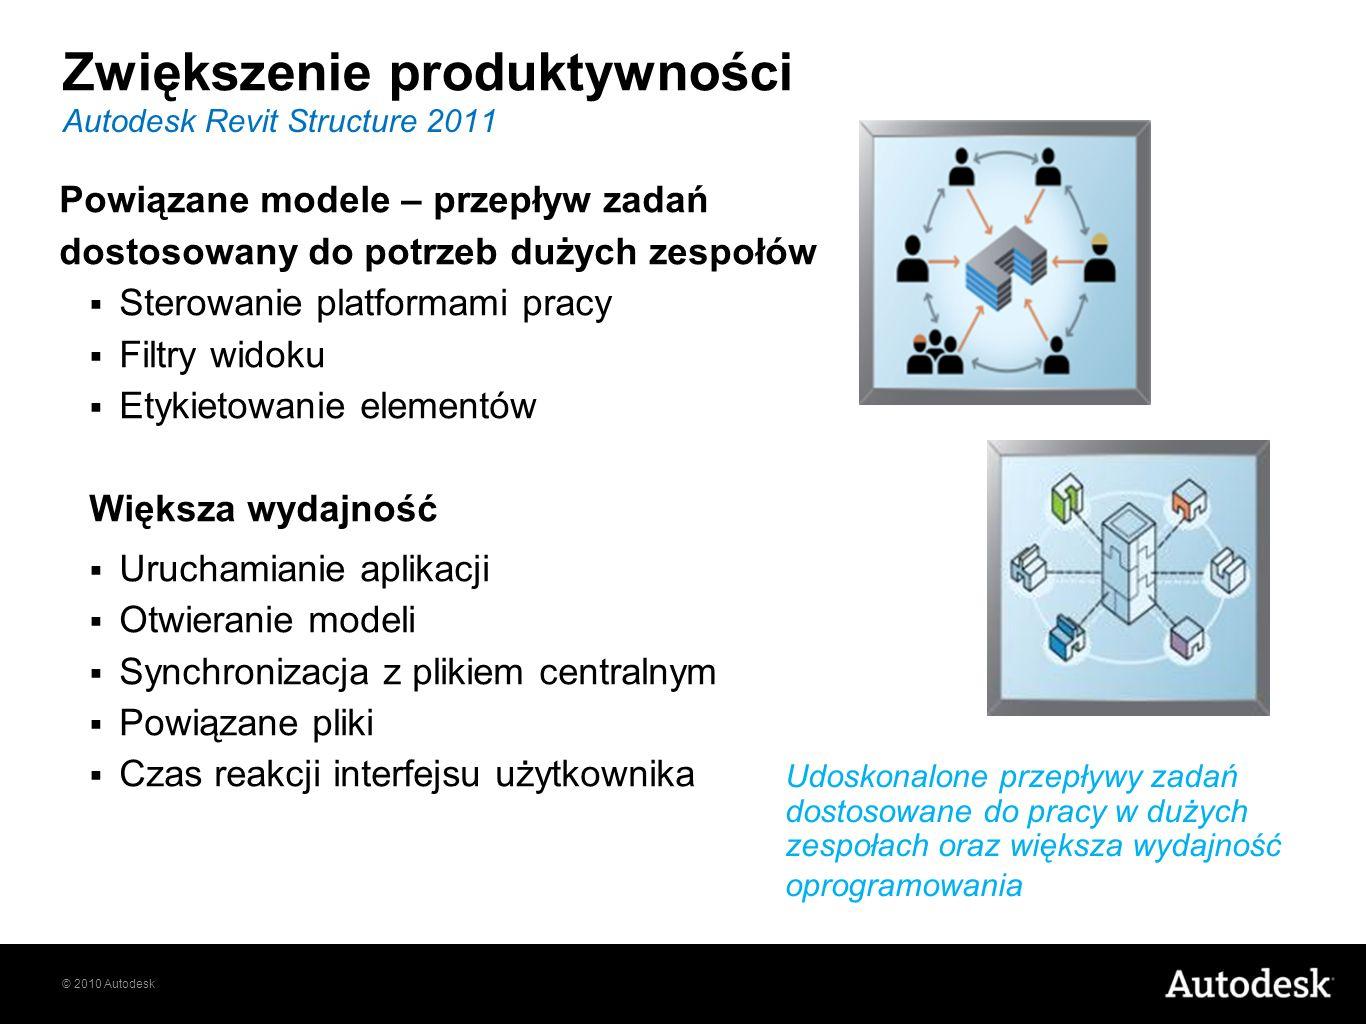 © 2010 Autodesk Powiązane modele – przepływ zadań dostosowany do potrzeb dużych zespołów Sterowanie platformami pracy Filtry widoku Etykietowanie elementów Większa wydajność Uruchamianie aplikacji Otwieranie modeli Synchronizacja z plikiem centralnym Powiązane pliki Czas reakcji interfejsu użytkownika Autodesk Revit Structure 2011 Zwiększenie produktywności Udoskonalone przepływy zadań dostosowane do pracy w dużych zespołach oraz większa wydajność oprogramowania